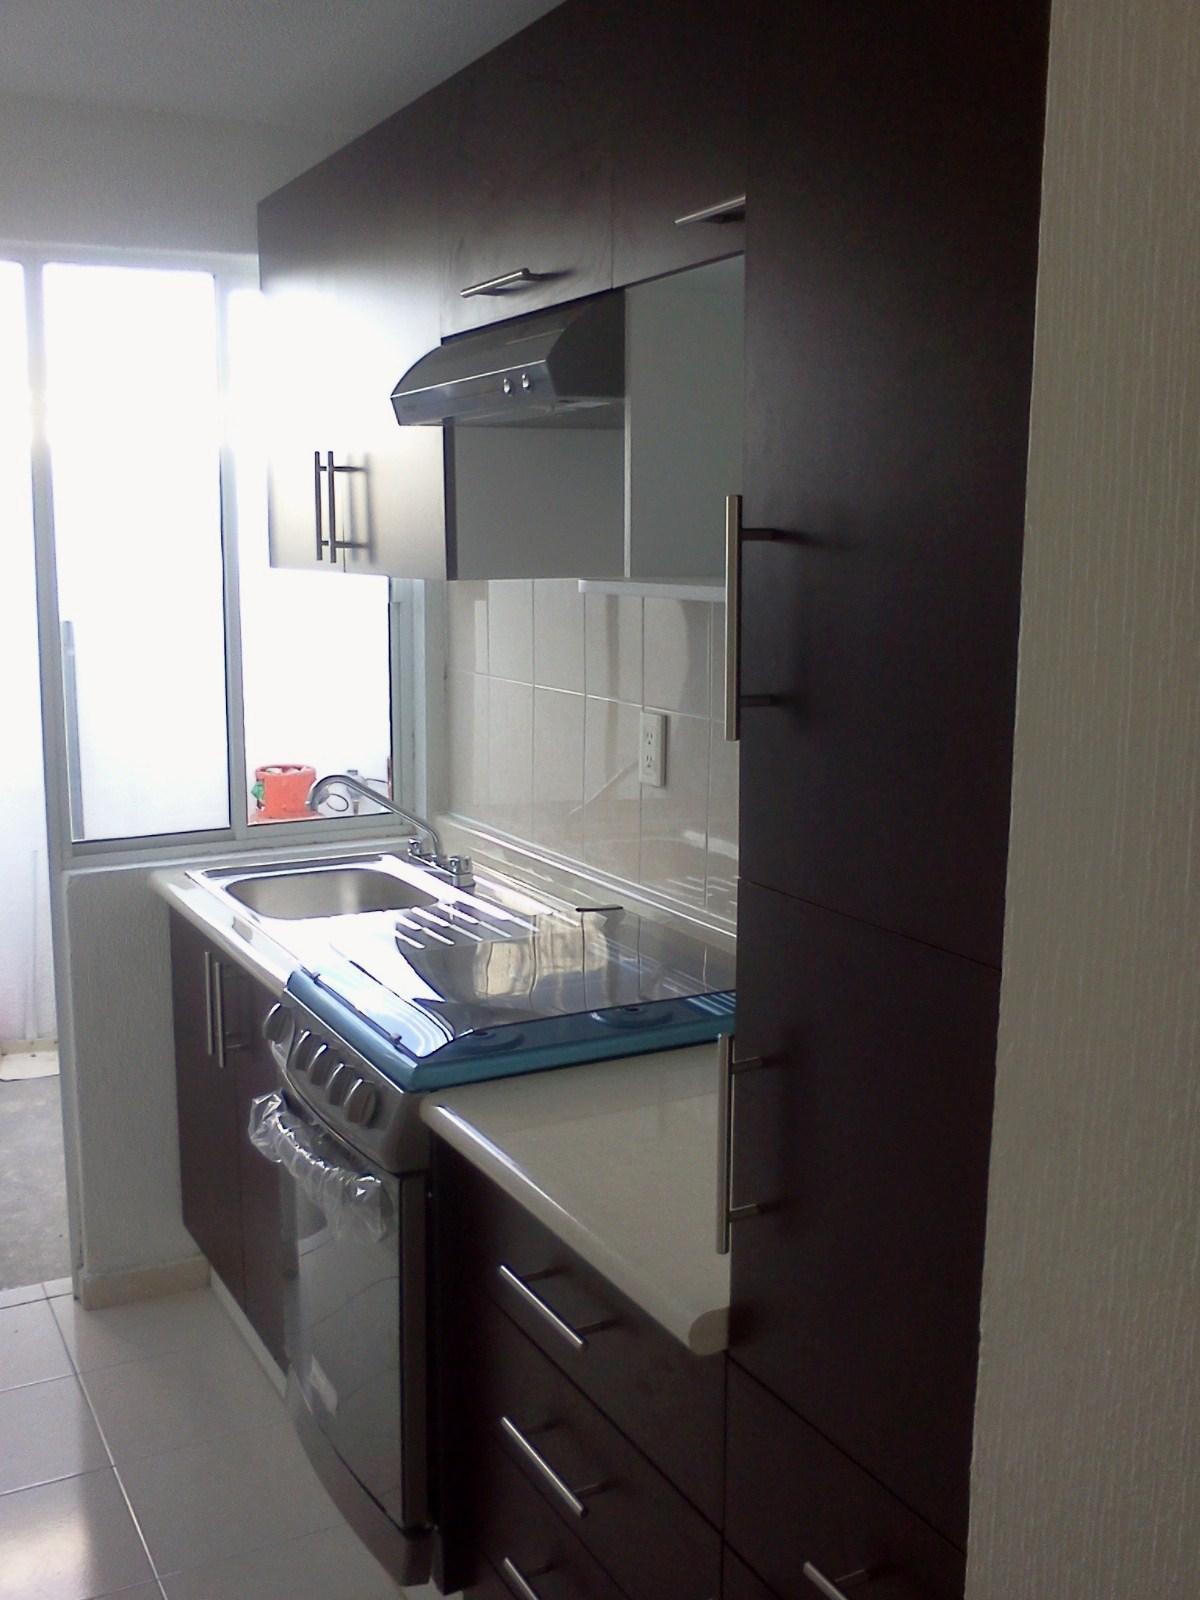 Cocinas integrales vestidores closets etc cocinas varias - Cocinas candy ...